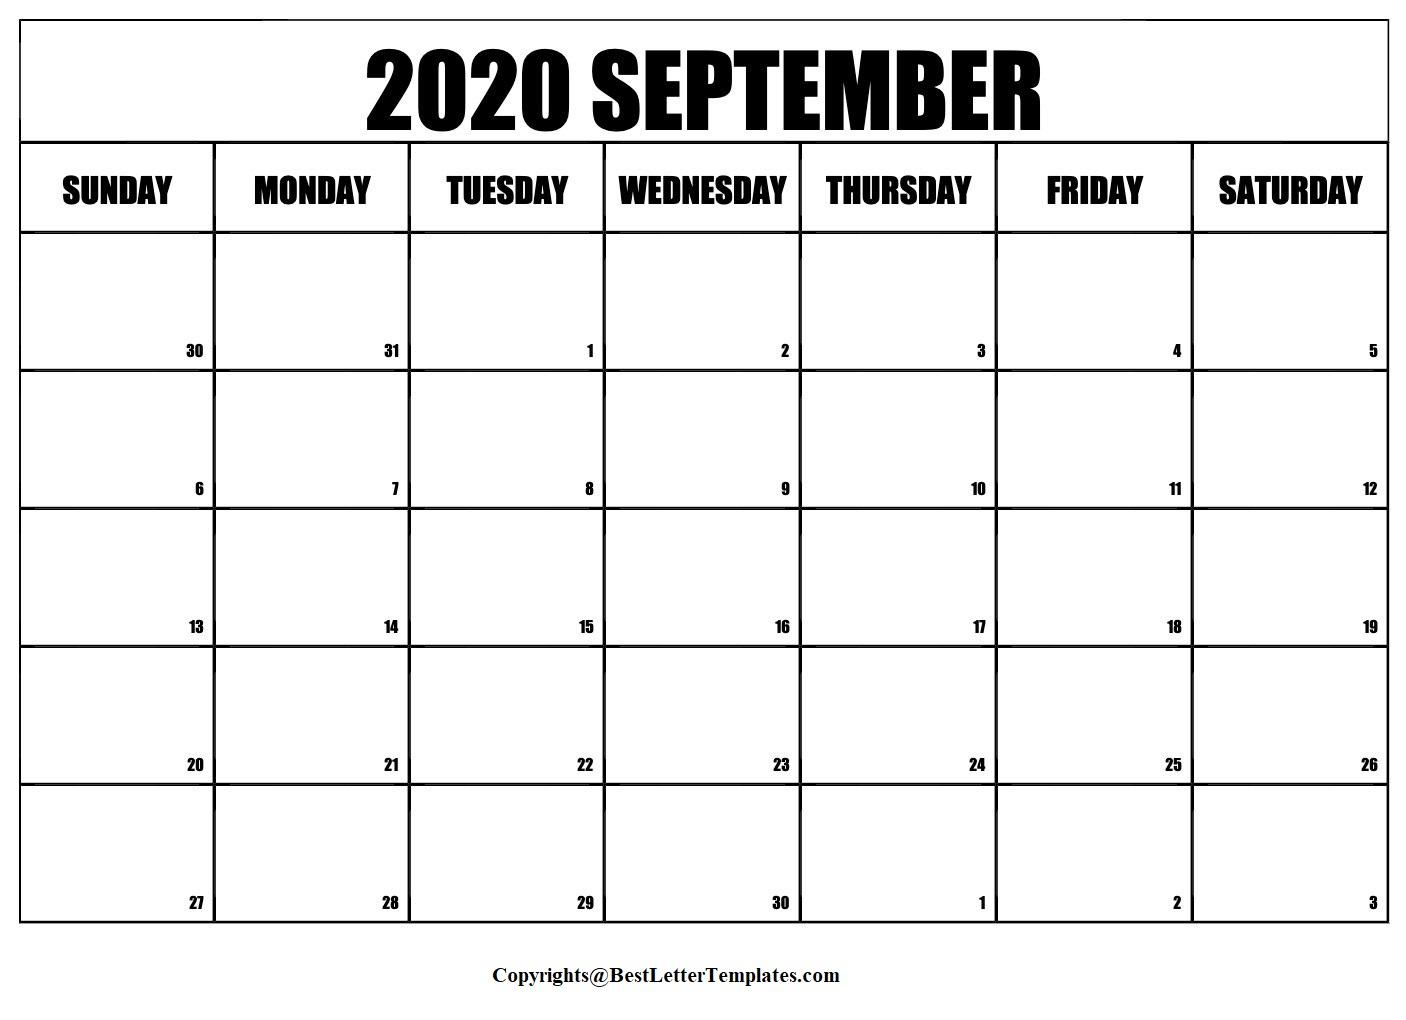 2020 September Calendar Template